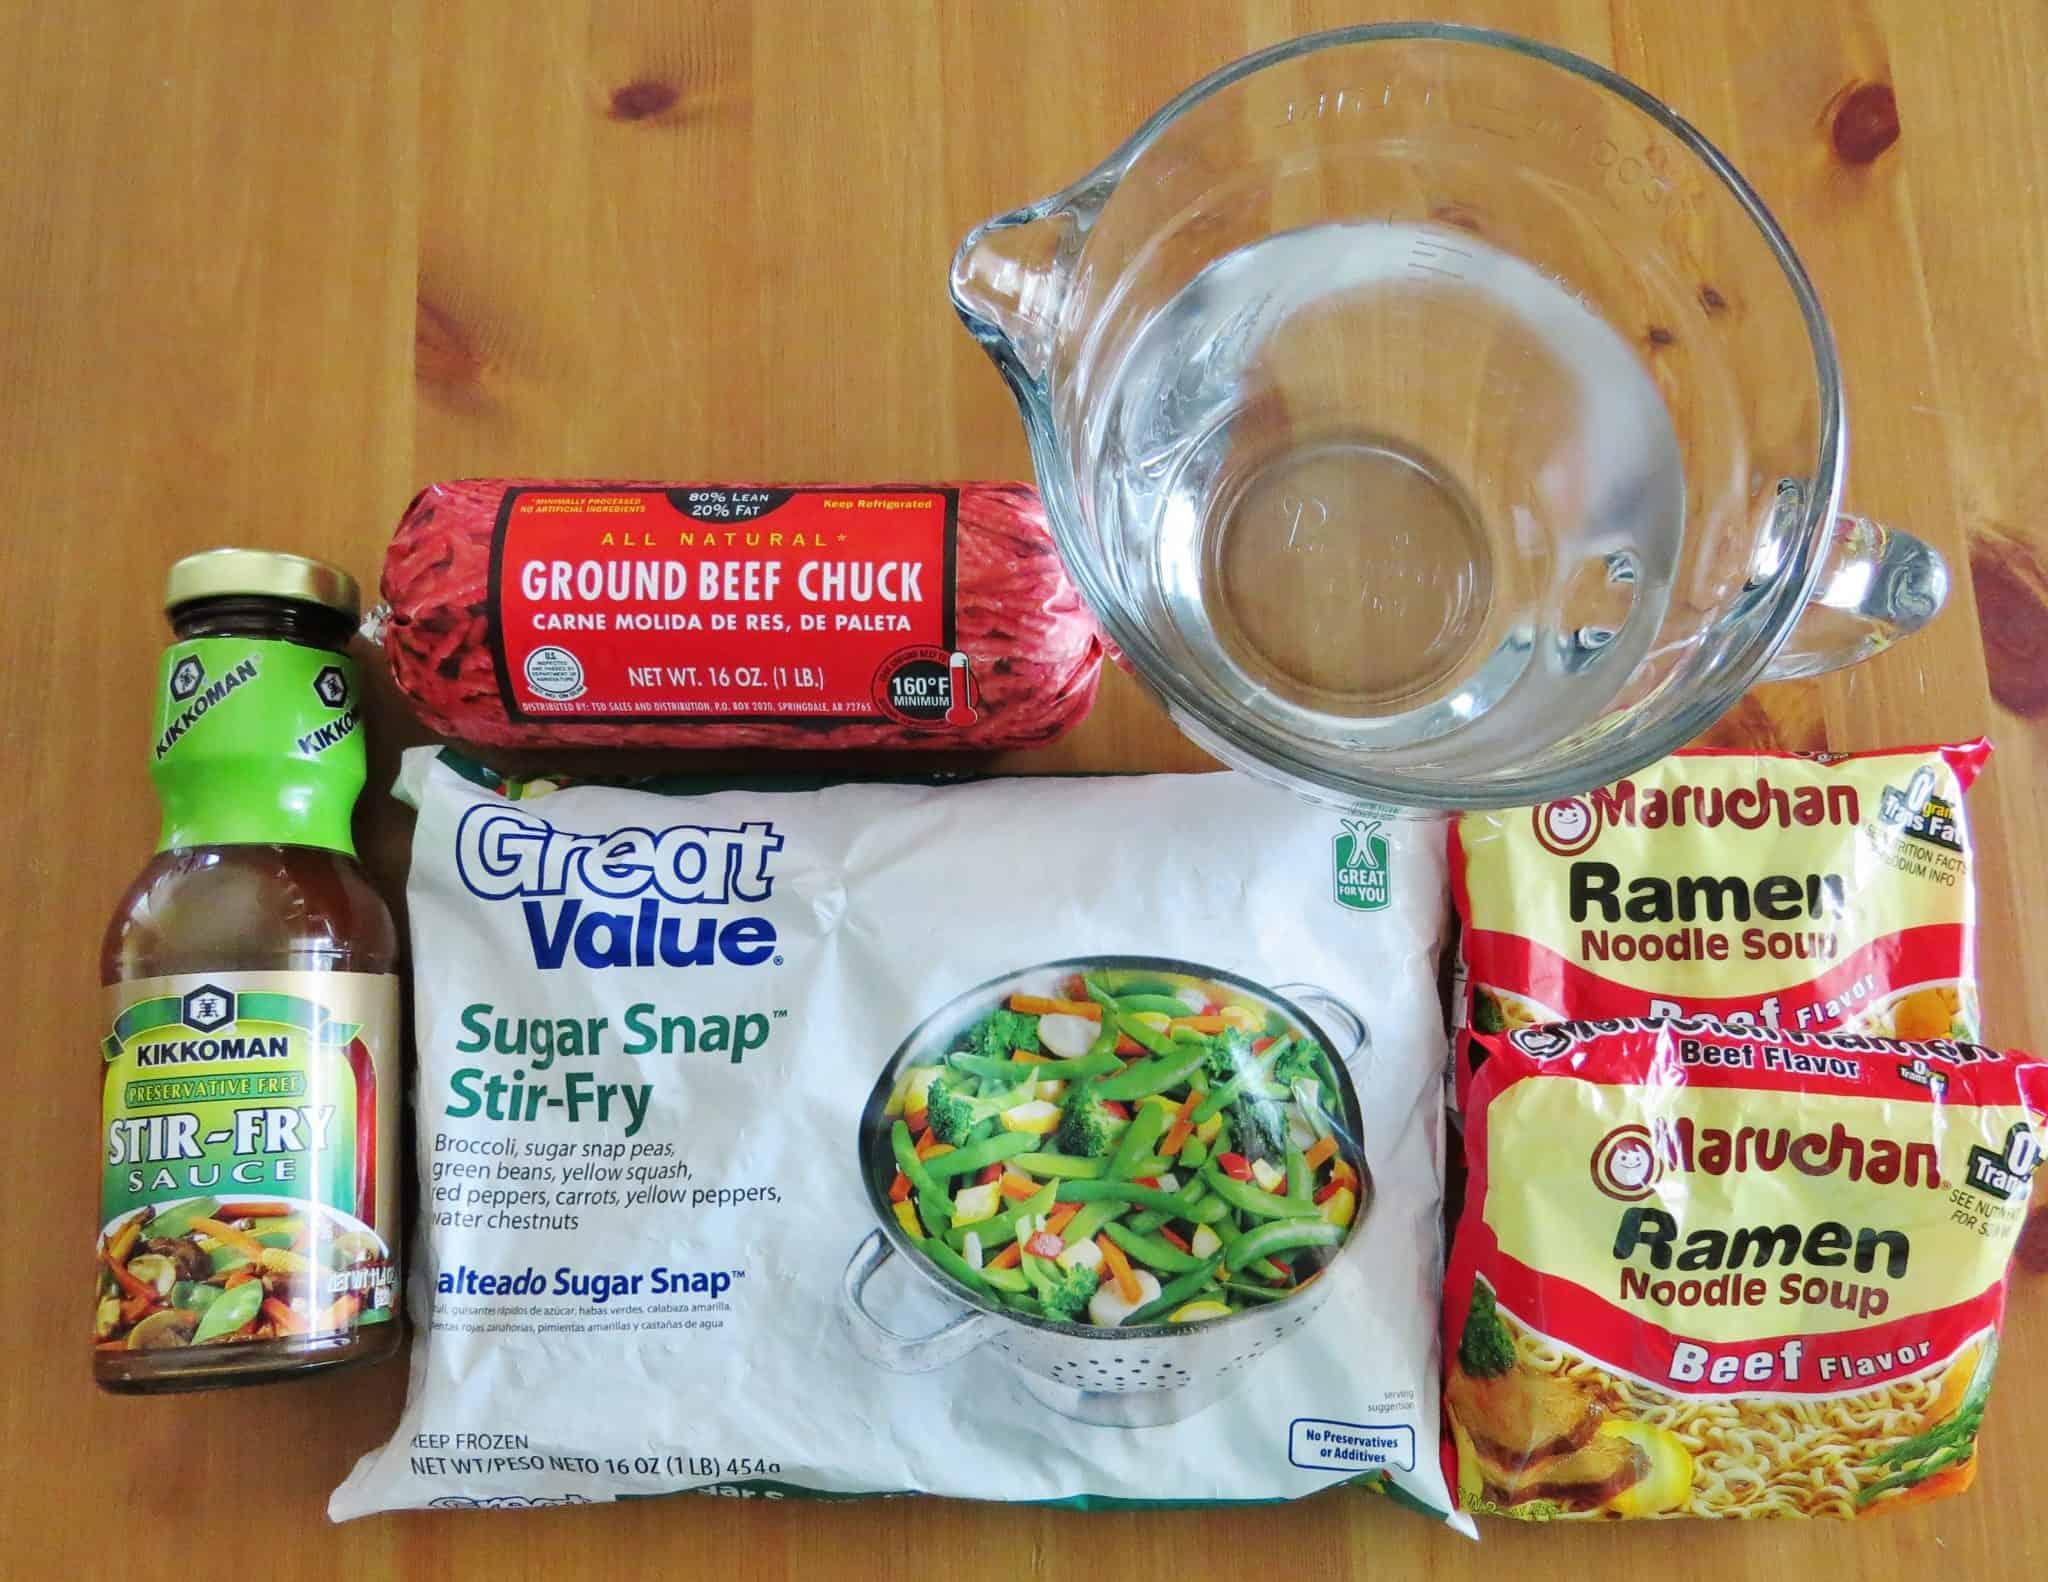 ingredients needed: ground beef, beef ramen noodle soup packets, stir fry sauce, sugar snap peas vegetable stir fry.